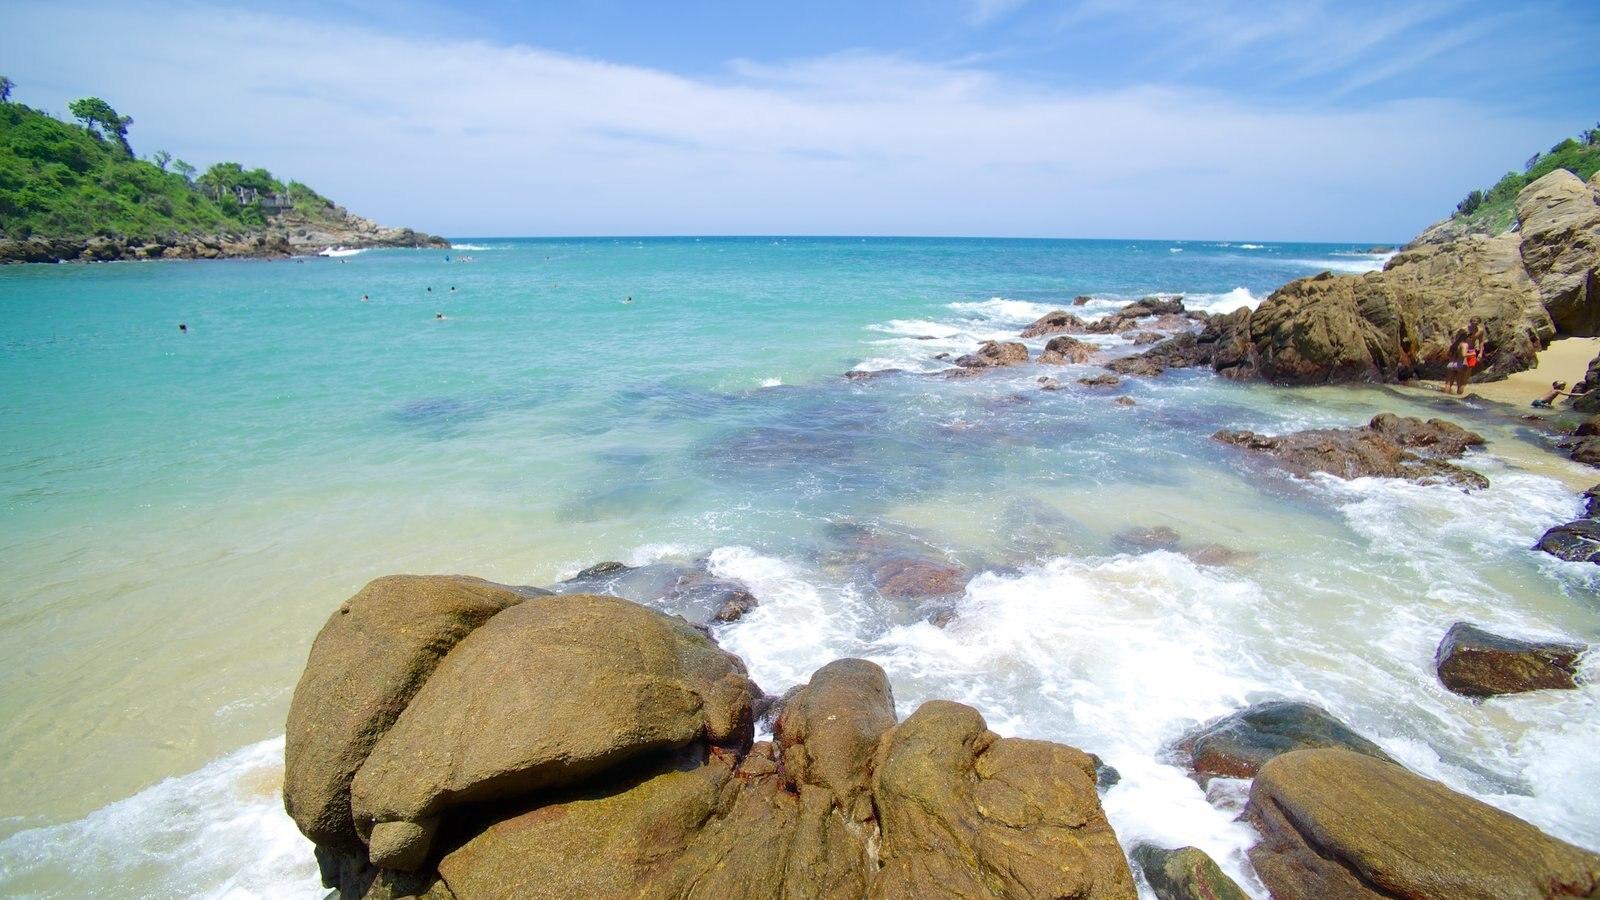 Playa de Carrizalillo ofreciendo vistas generales de la costa y costa rocosa